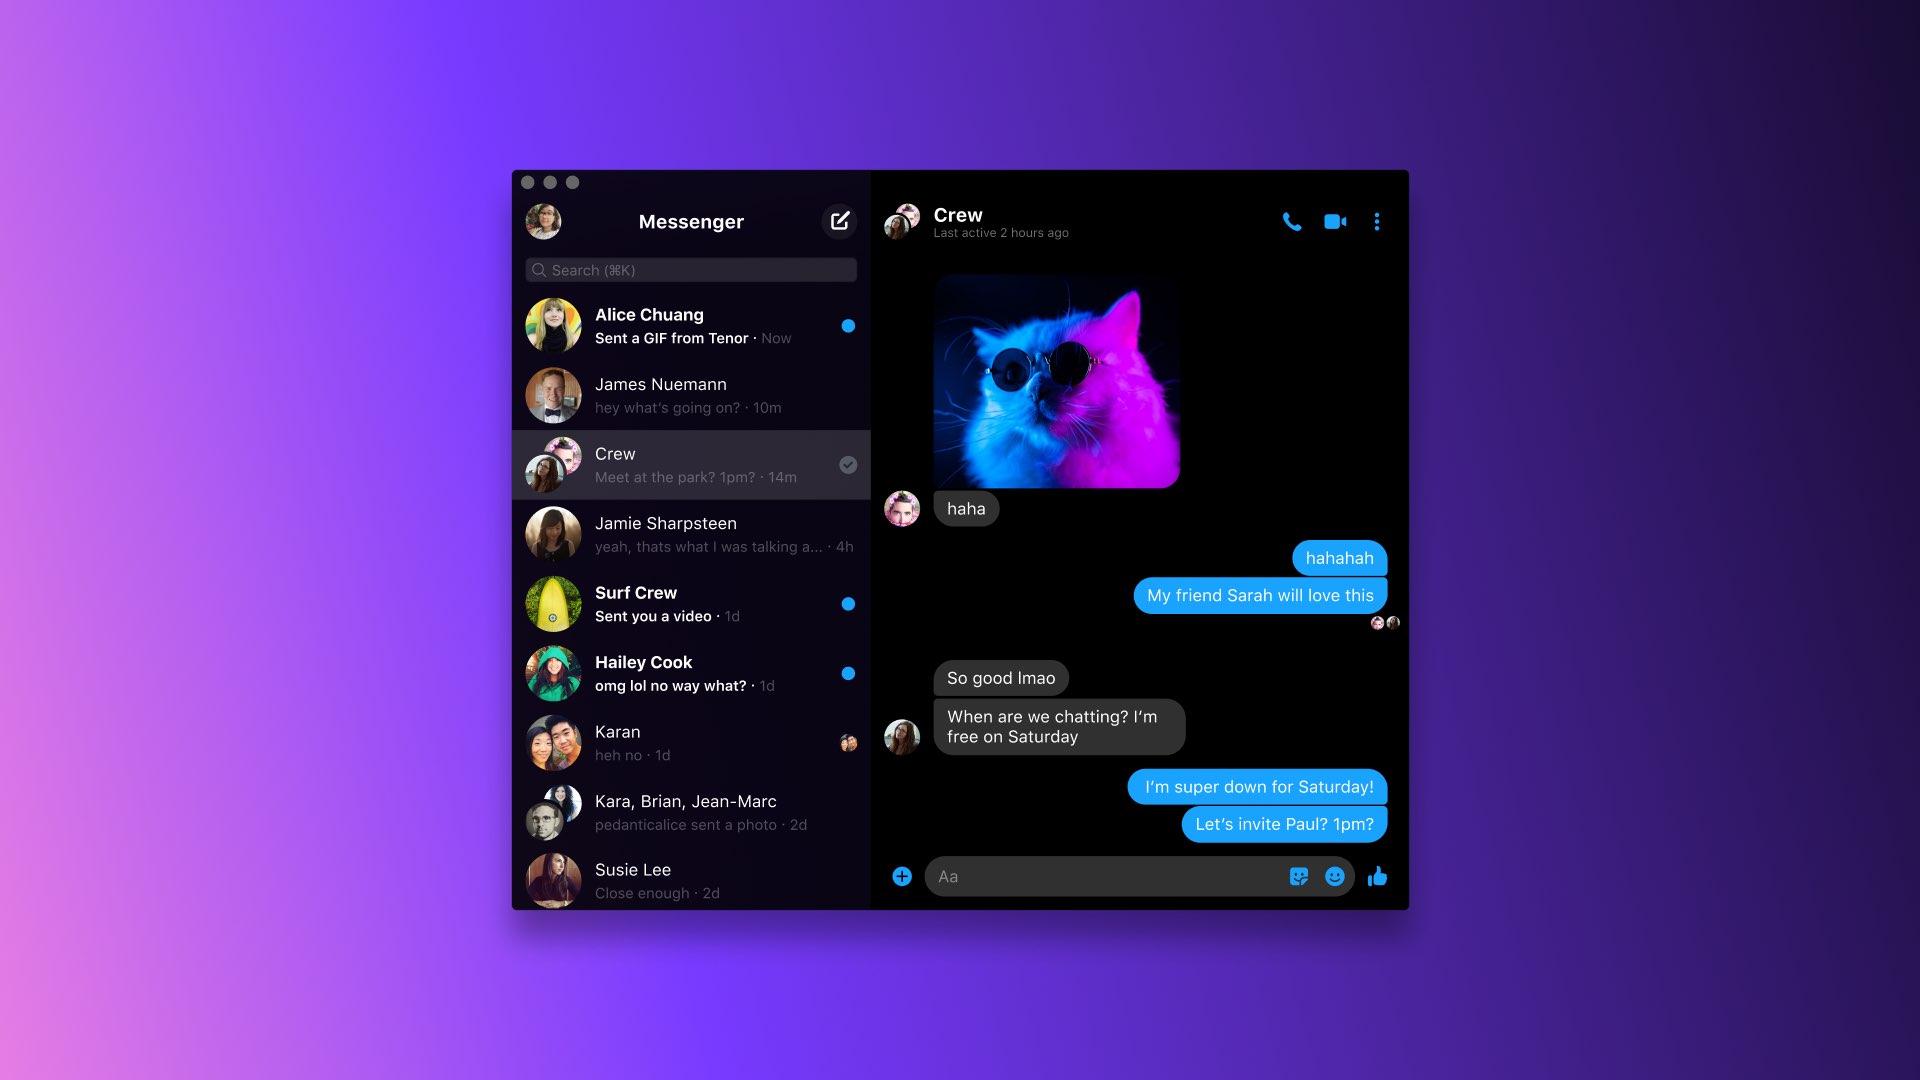 Facebook  Messenger julkaisee Mac-sovelluksensa Yhdysvalloissa, Isossa-Britanniassa, Saksassa, Italiassa ja muissa maissa 3